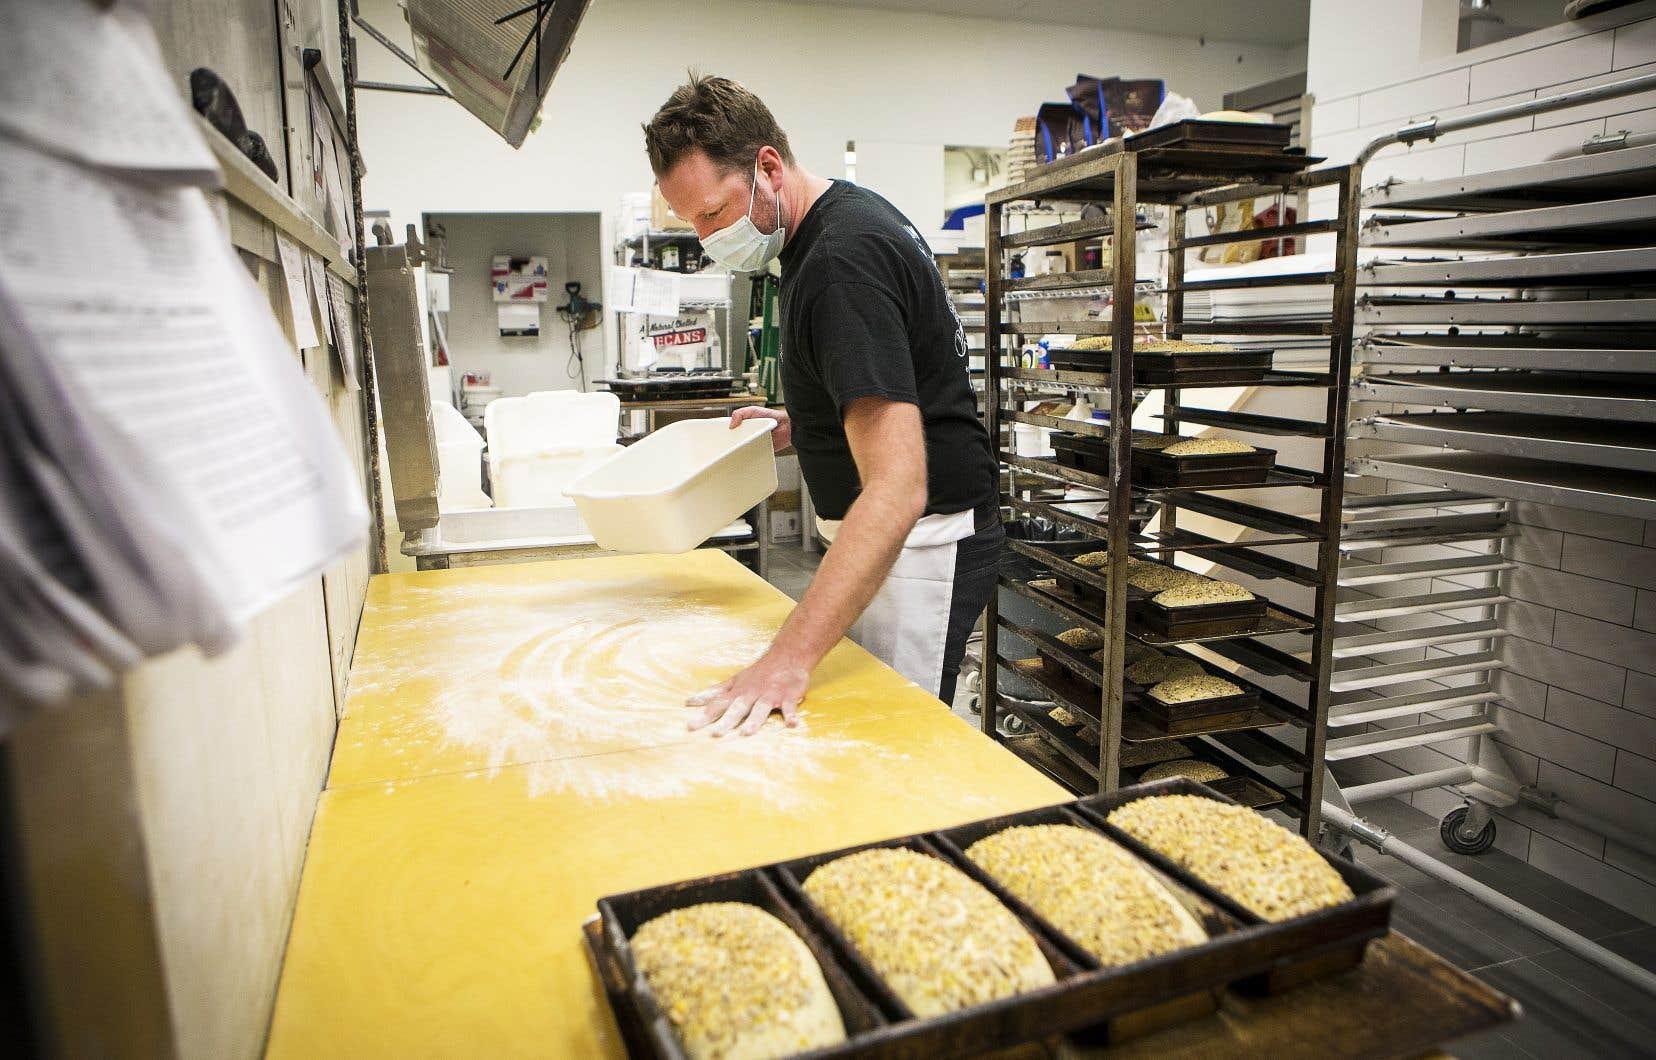 M.Locuratolo soutient que le métier de boulanger-pâtissier est très spécialisé, dans lequel très peu de gens sont formés, et difficile en raison des quarts de travail de nuit. Peu de gens au Québec semblent s'y intéresser.